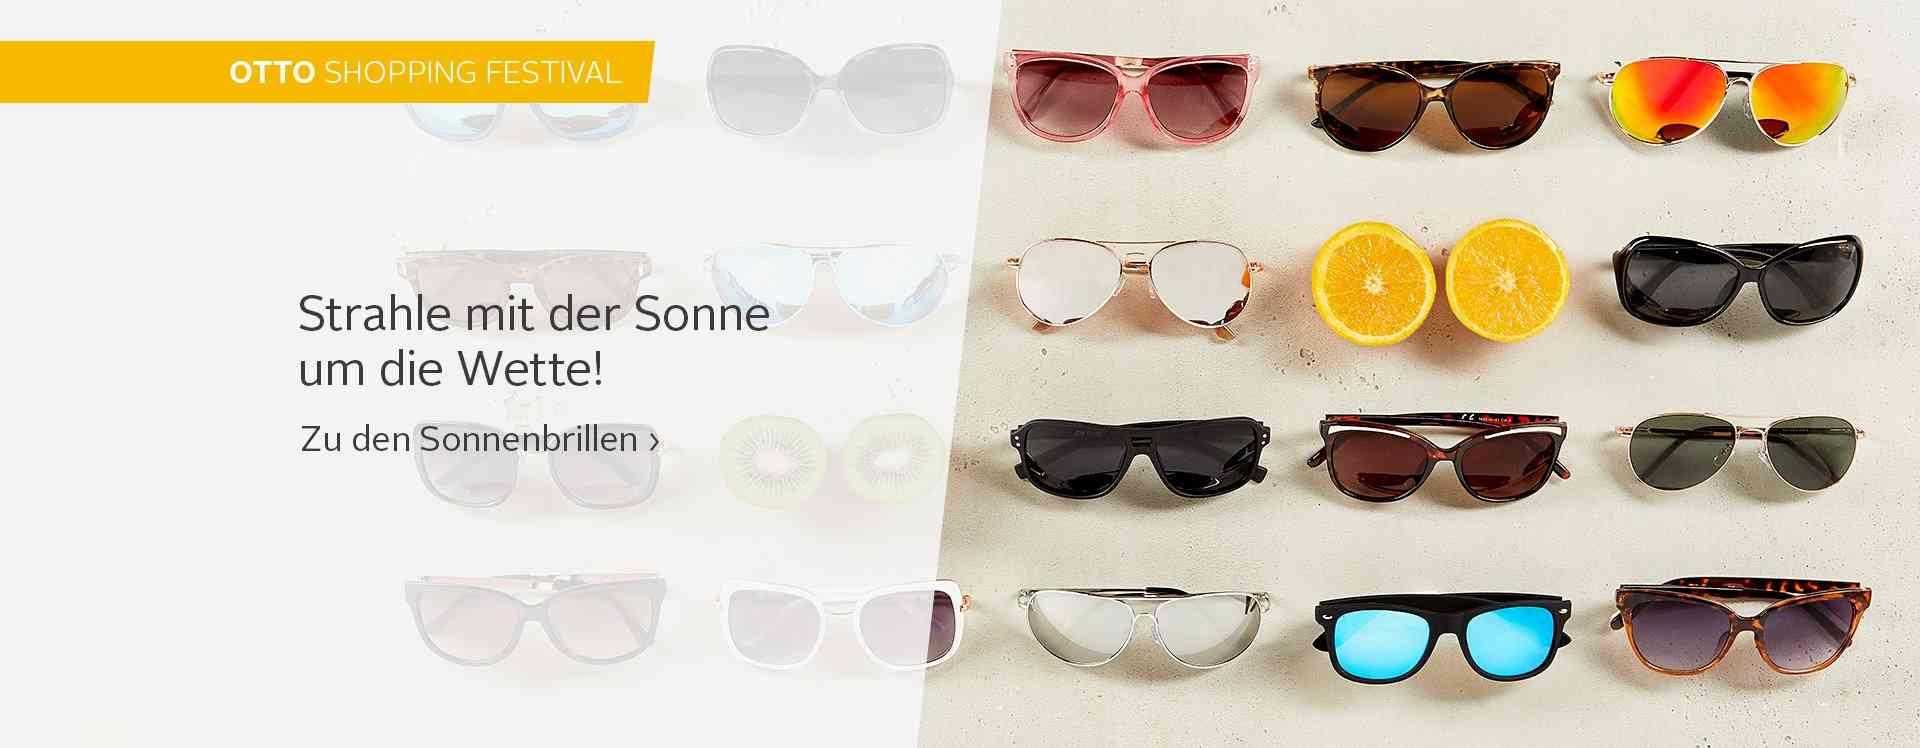 Die Sonnenbrille ist das Must-Have-Accessoire für sonnige Frühlings- und Sommertage!